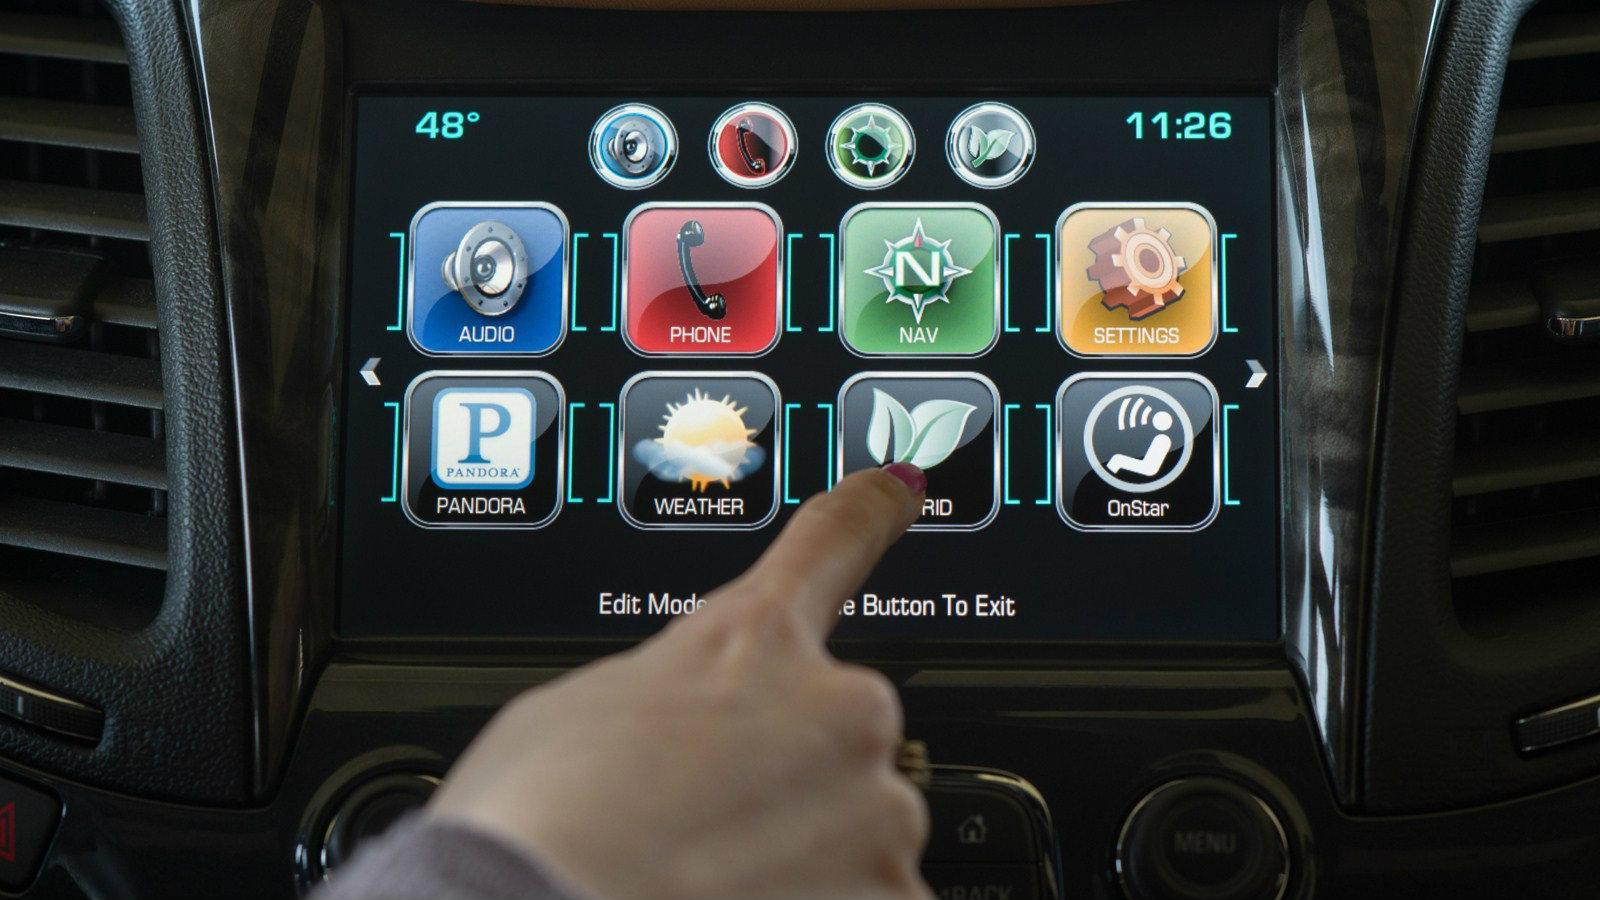 Πώς μπορώ να συνδέσω τον ενισχυτή του αυτοκινήτου μου στο σπίτι μου